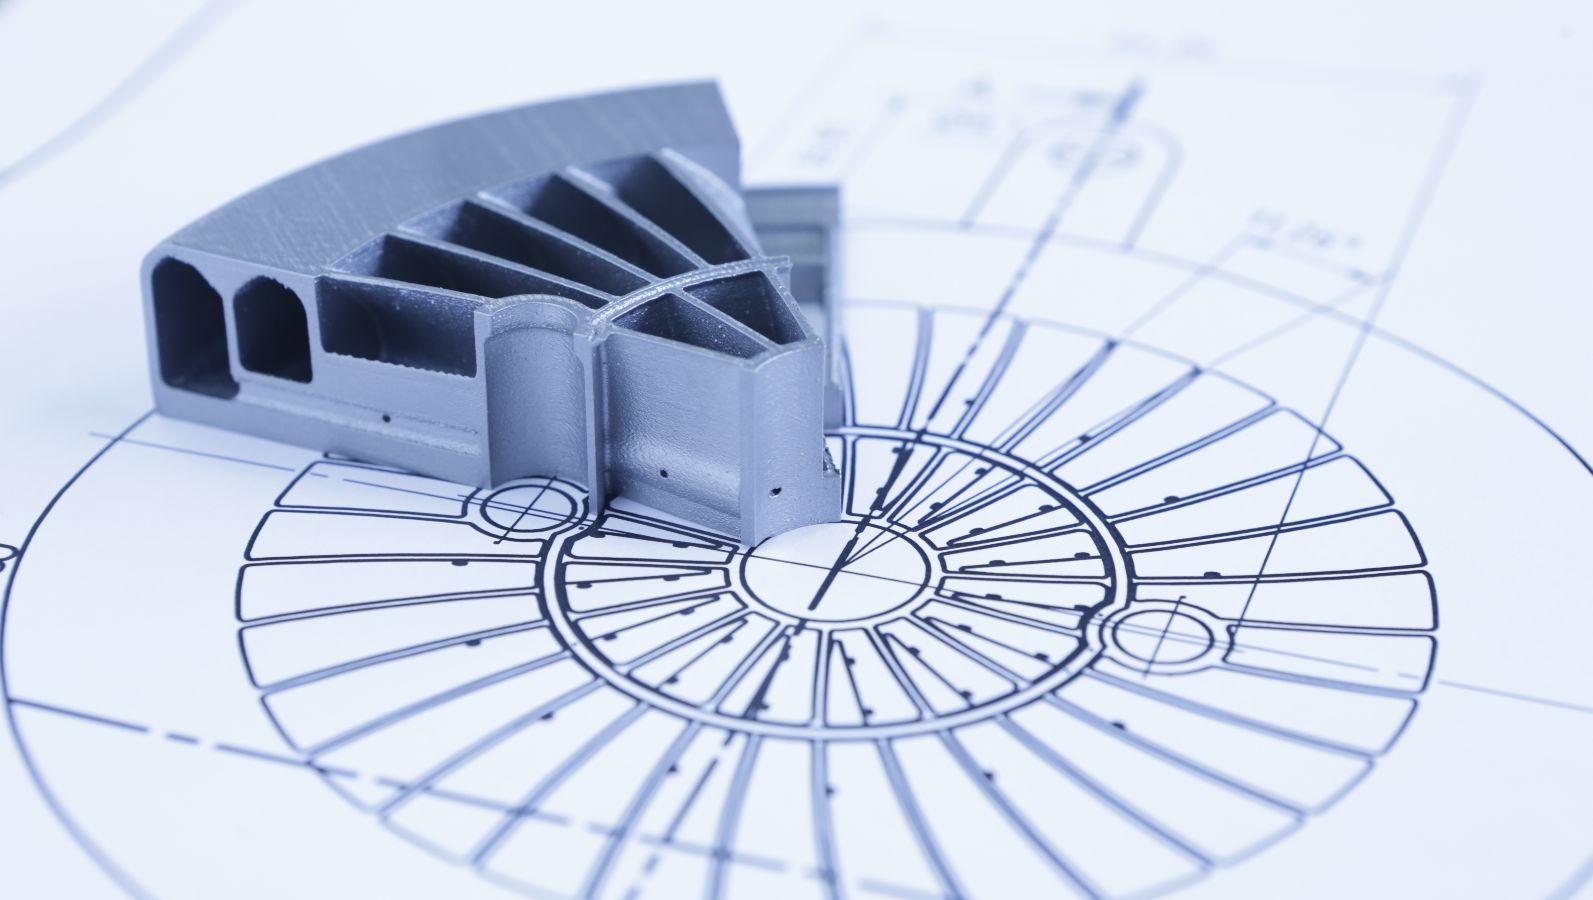 Technische Zeichnung und Prototyp-Bauteil einer additiven Gasmischvorrichtung